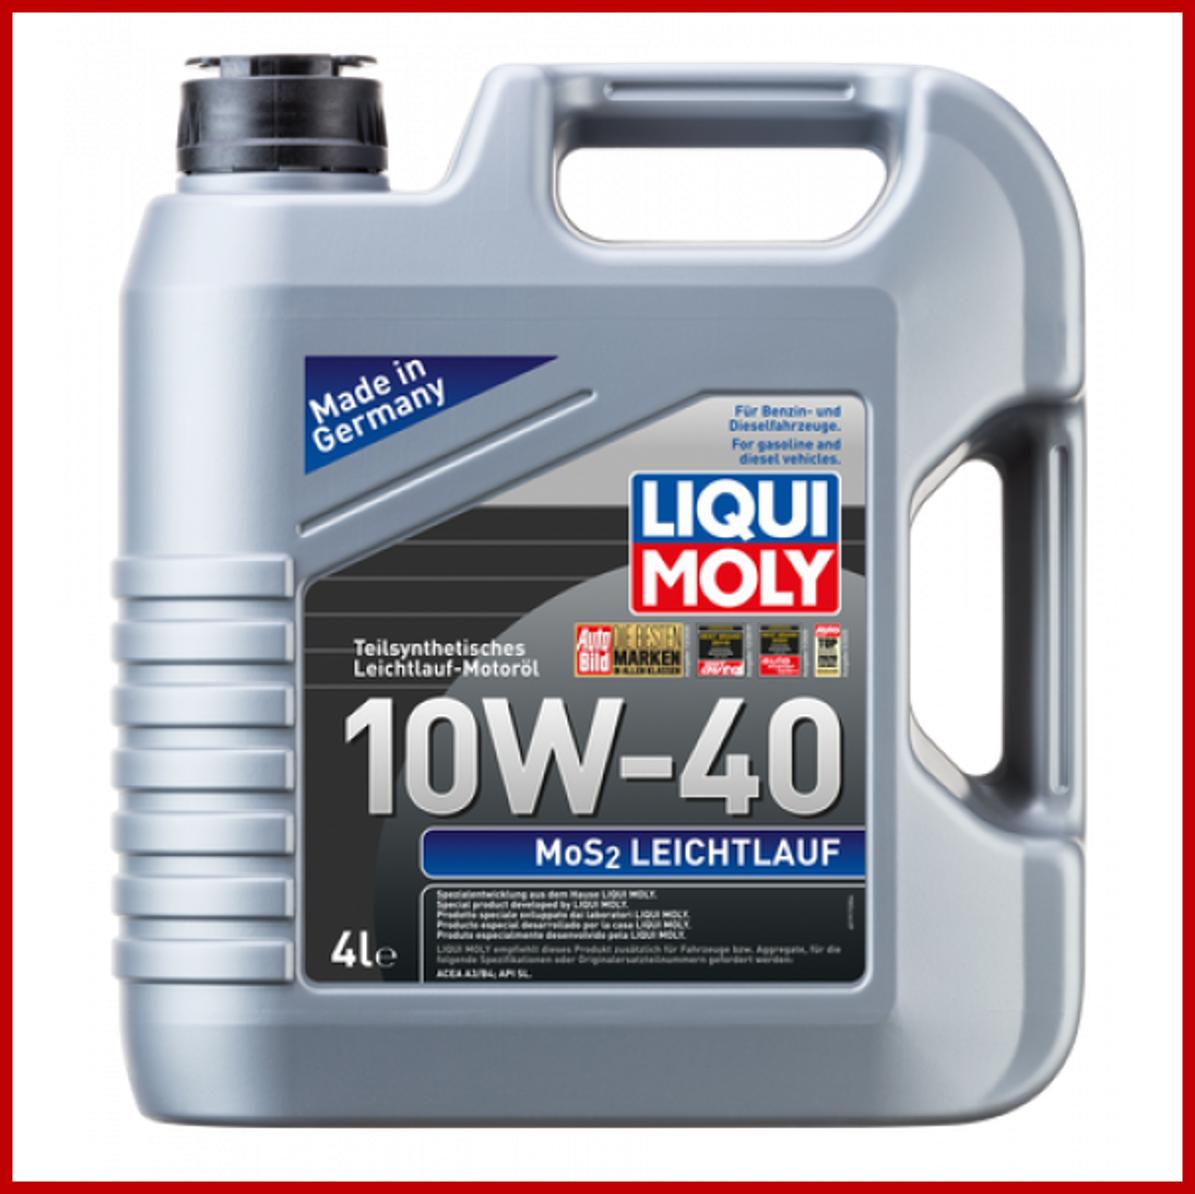 LIQUI MOLY MoS2 Leichtlauf 10W40 (4L)